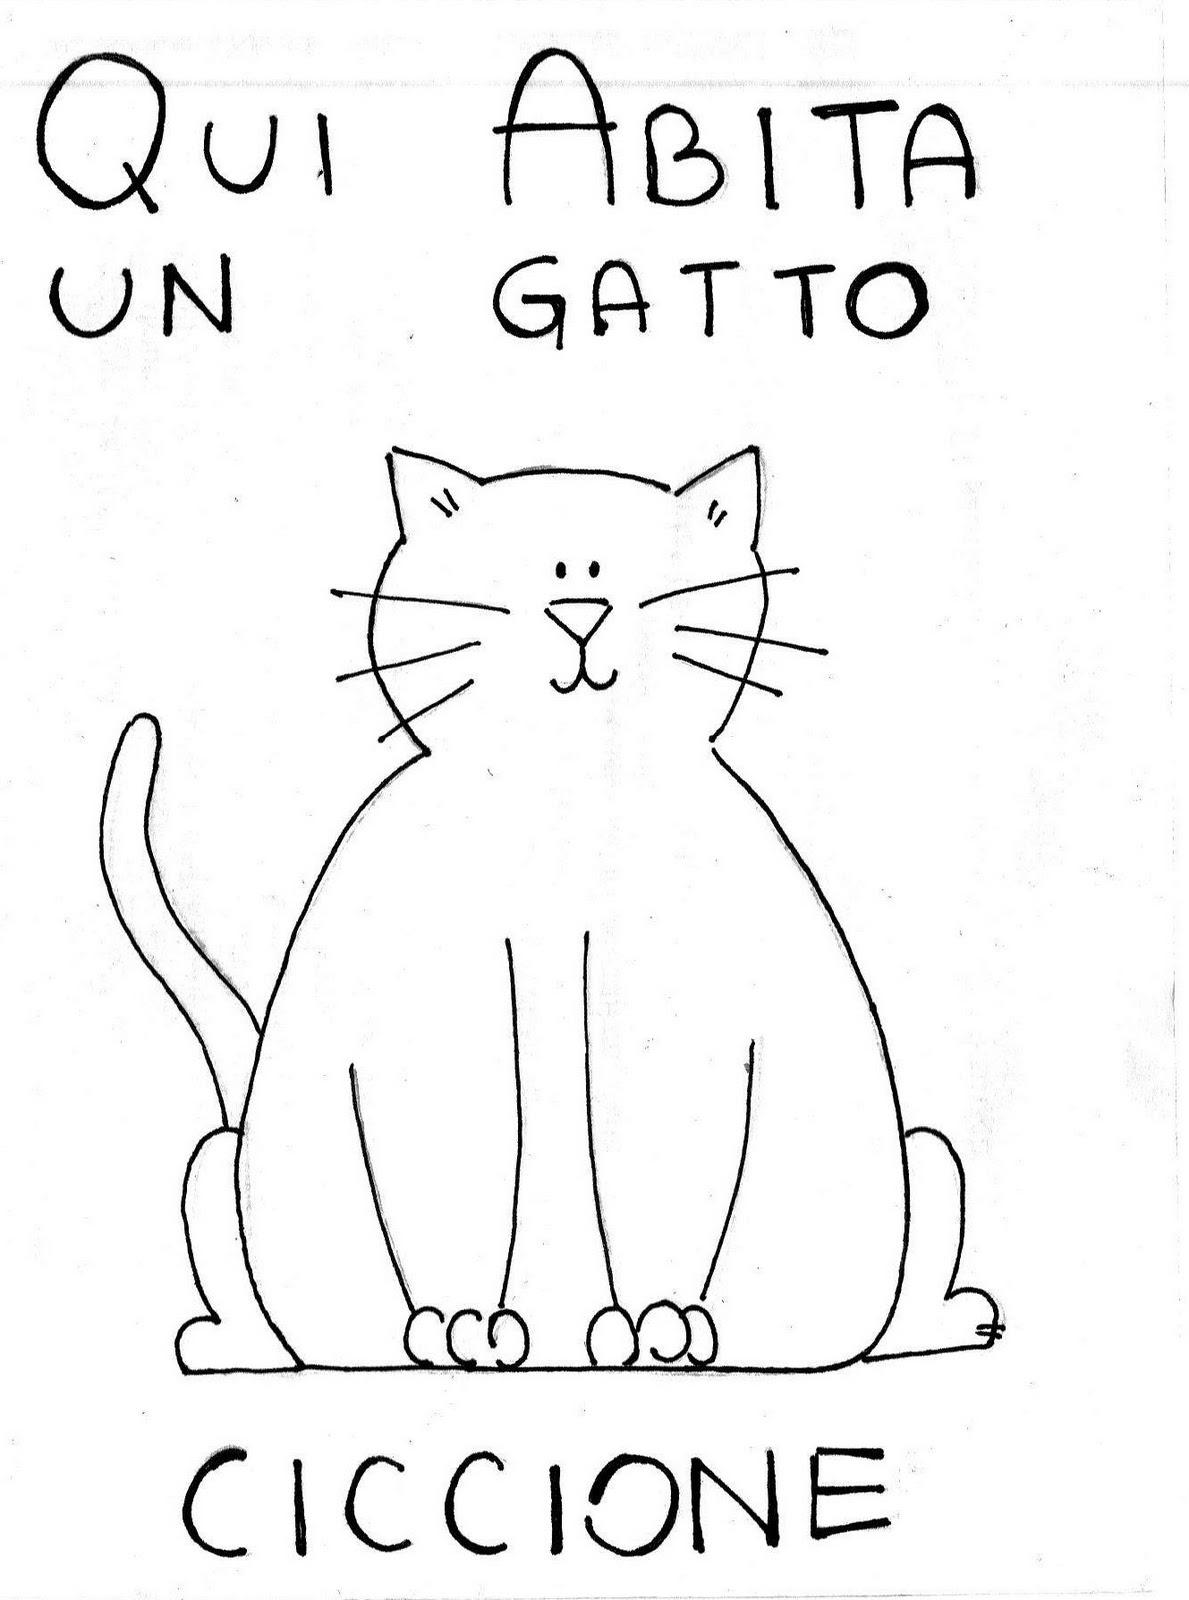 gatto_ciccione